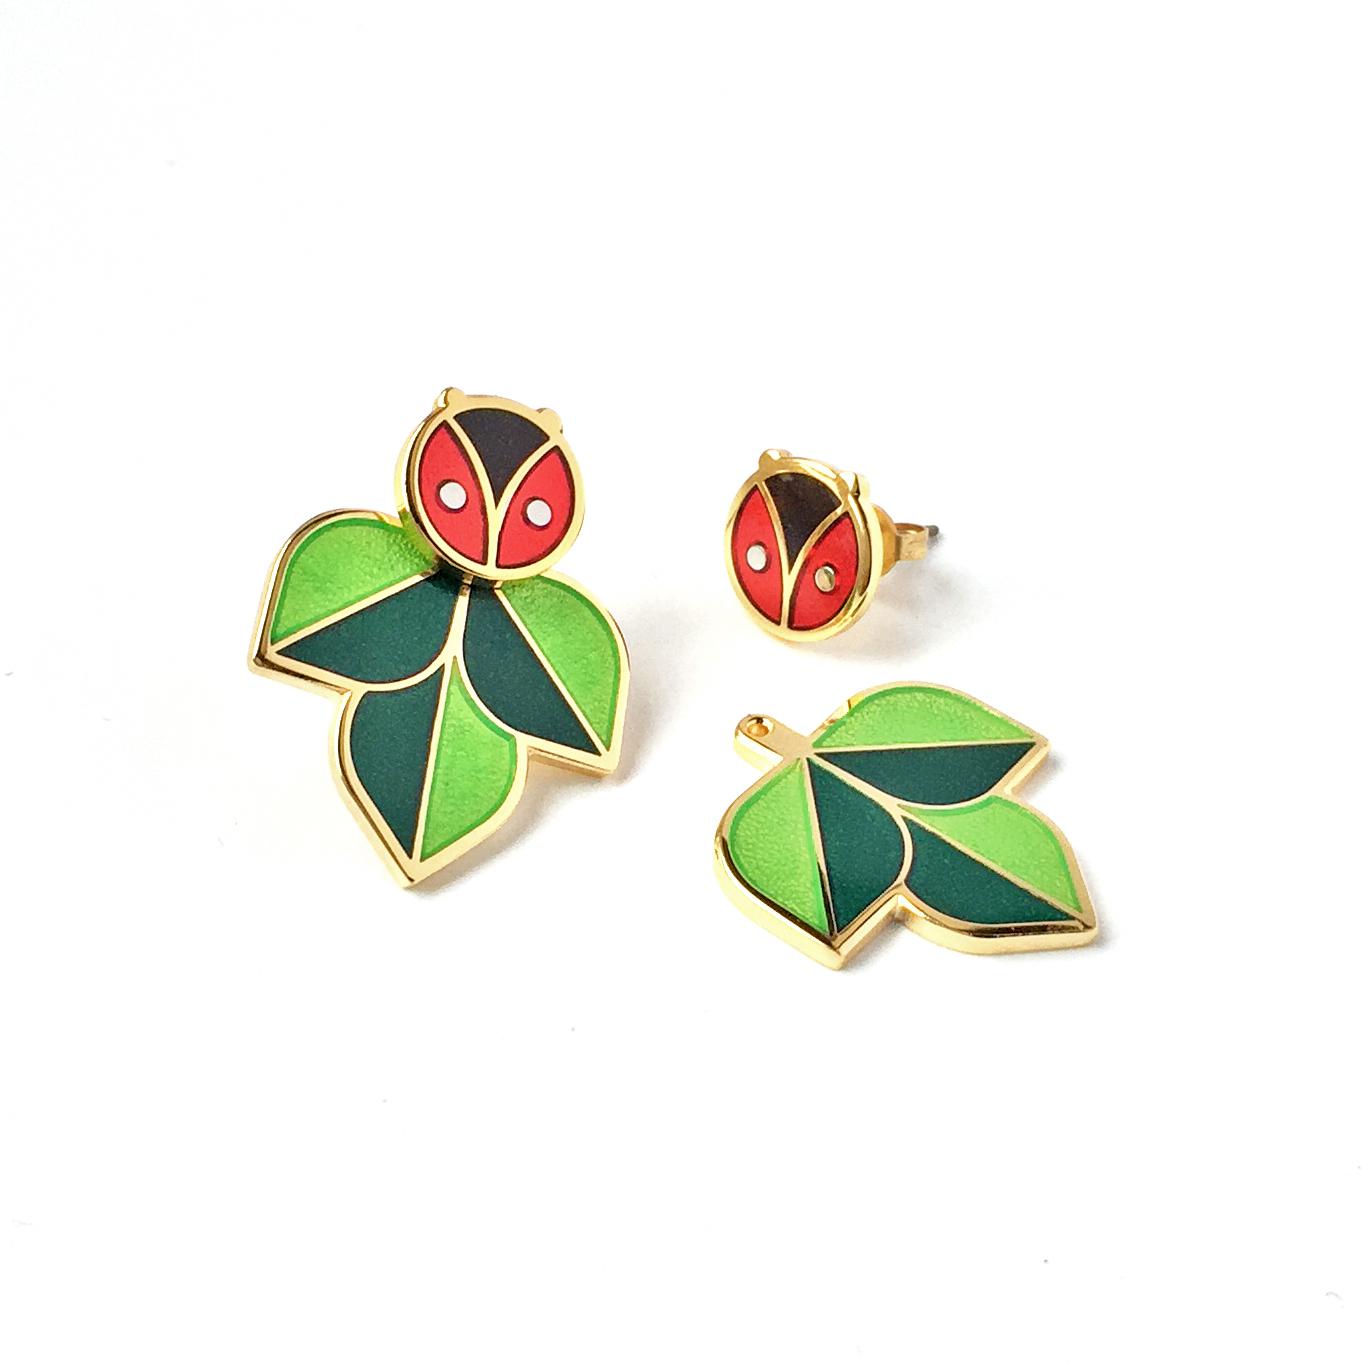 Ladybug Earrings with Leaf Ear Jackets